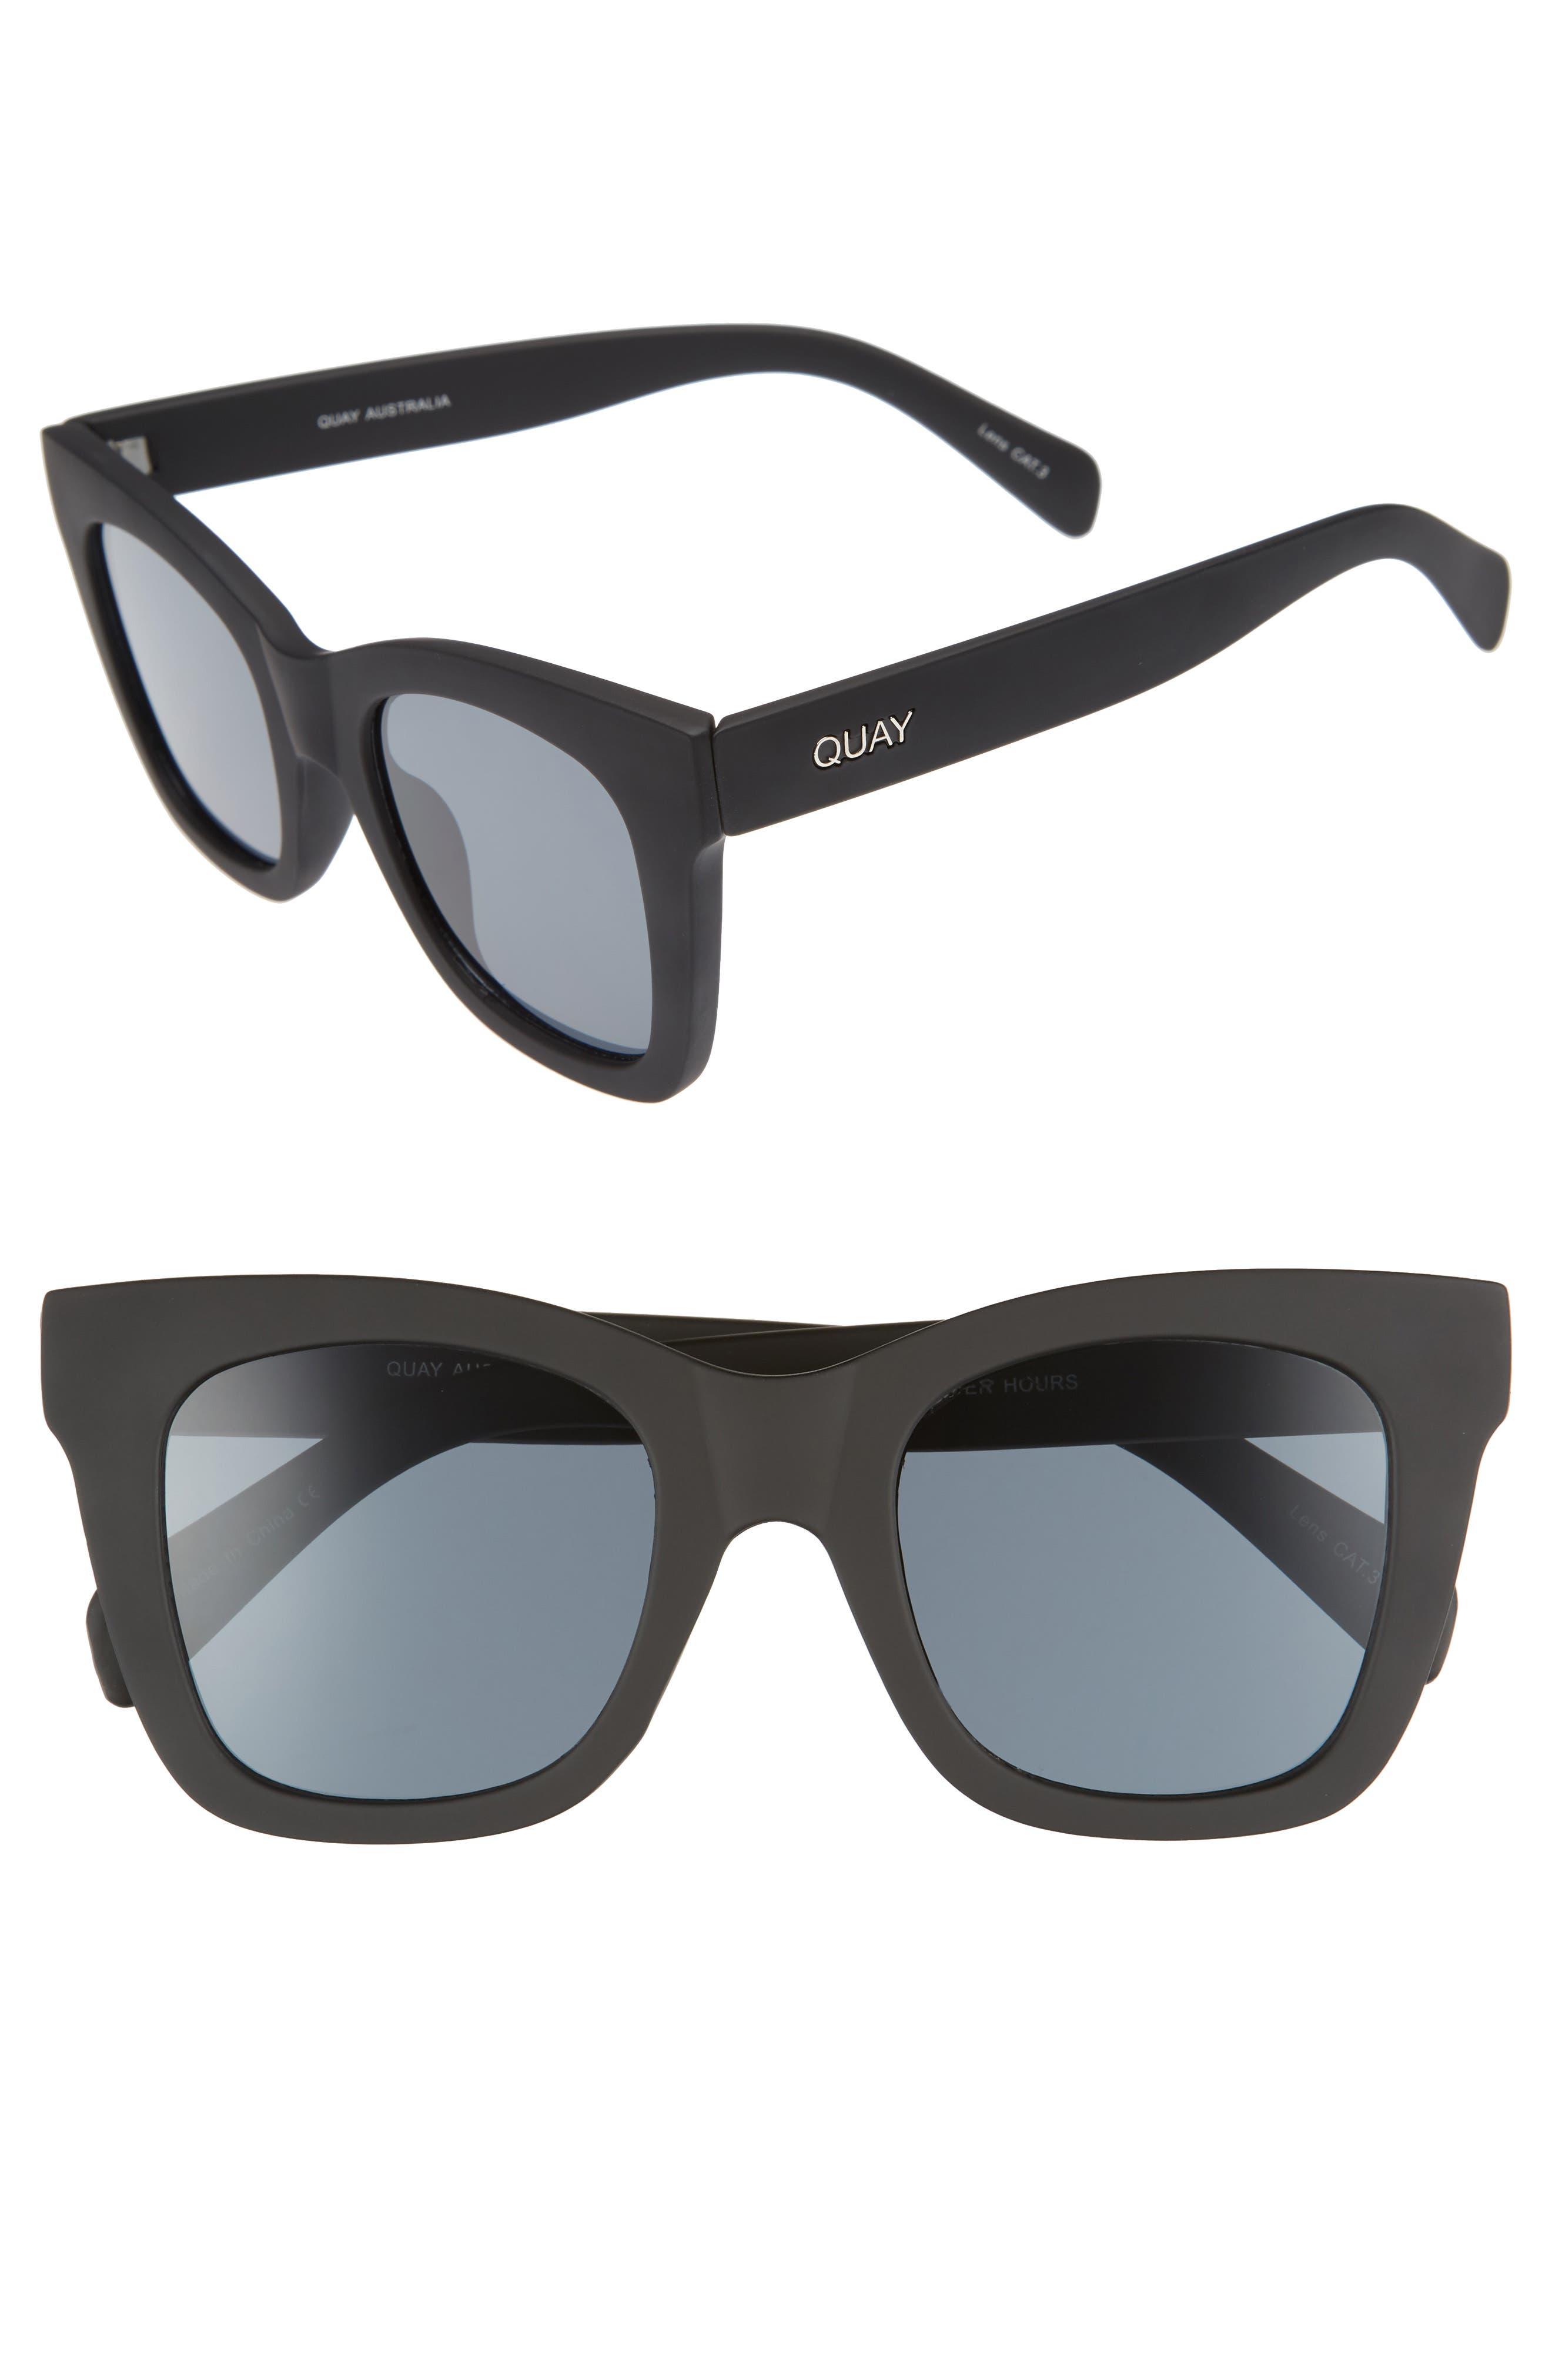 1985f7508e099 Quay Australia After Hours 50Mm Square Sunglasses - Black Smoke